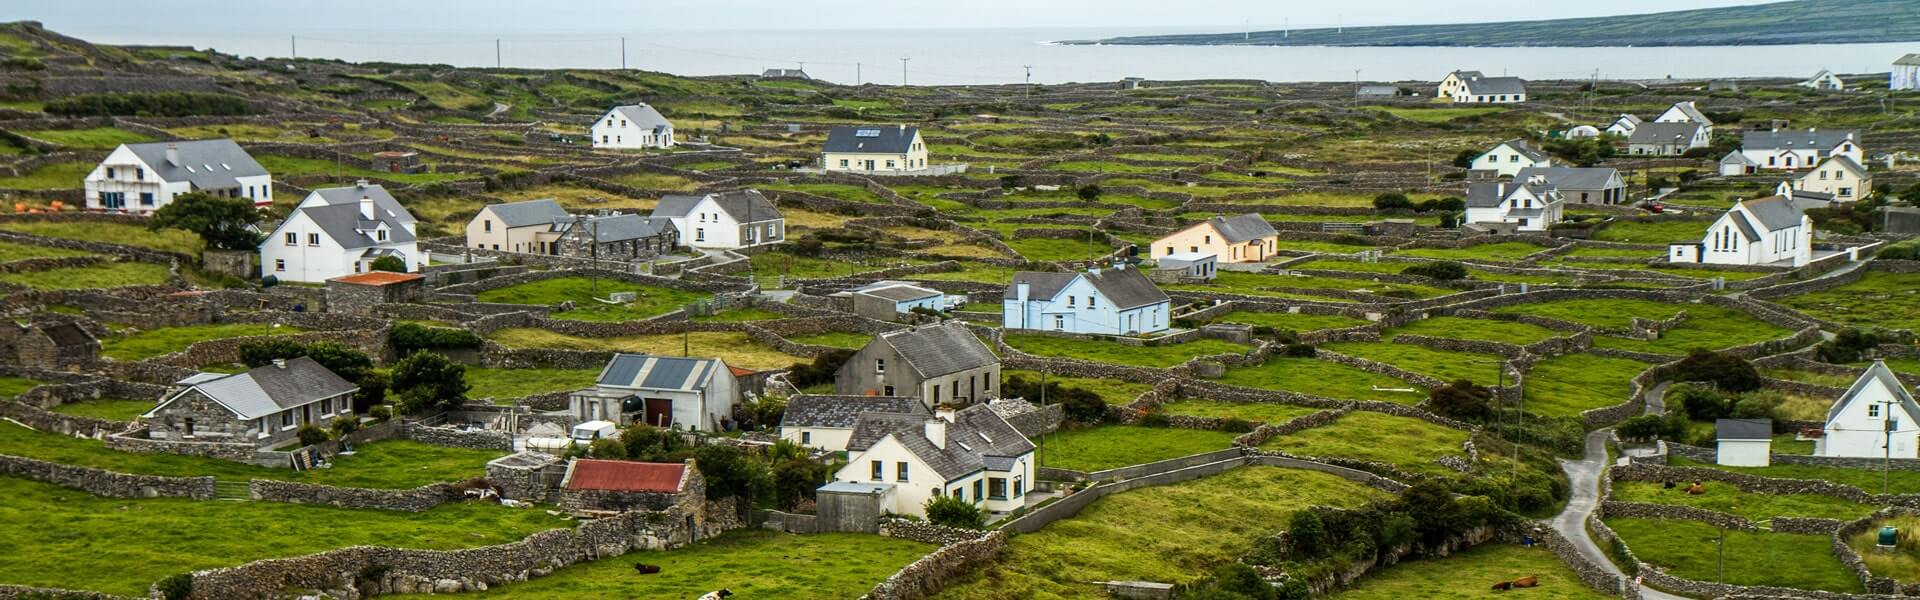 Firmenreise durch die grünen Landschaften Irlands